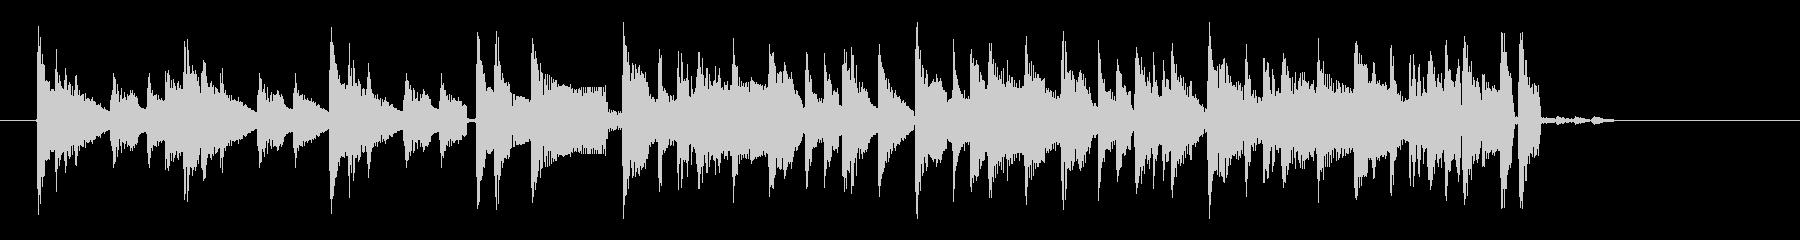 アコギによるクールなロックのジングル曲の未再生の波形